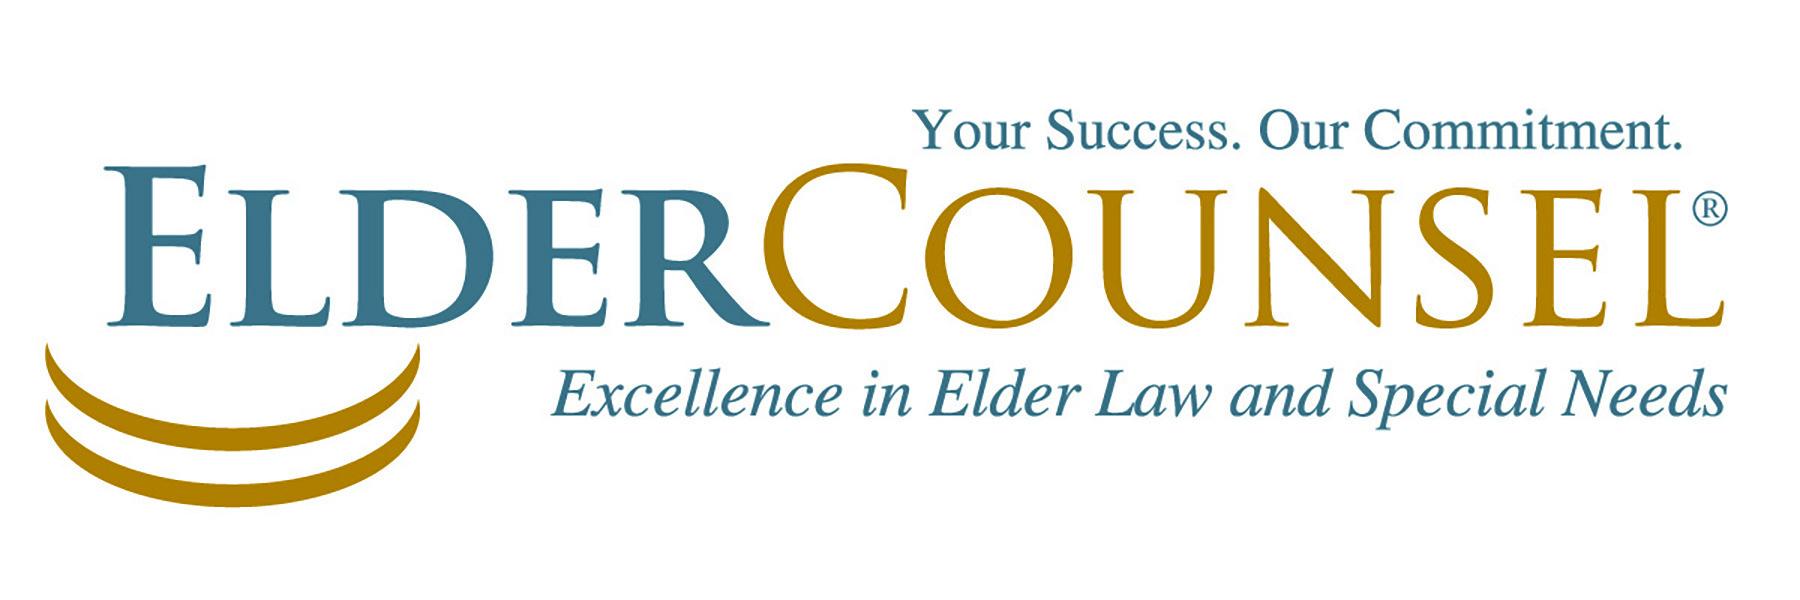 media/2017 Elder Counsel LOGO.jpg